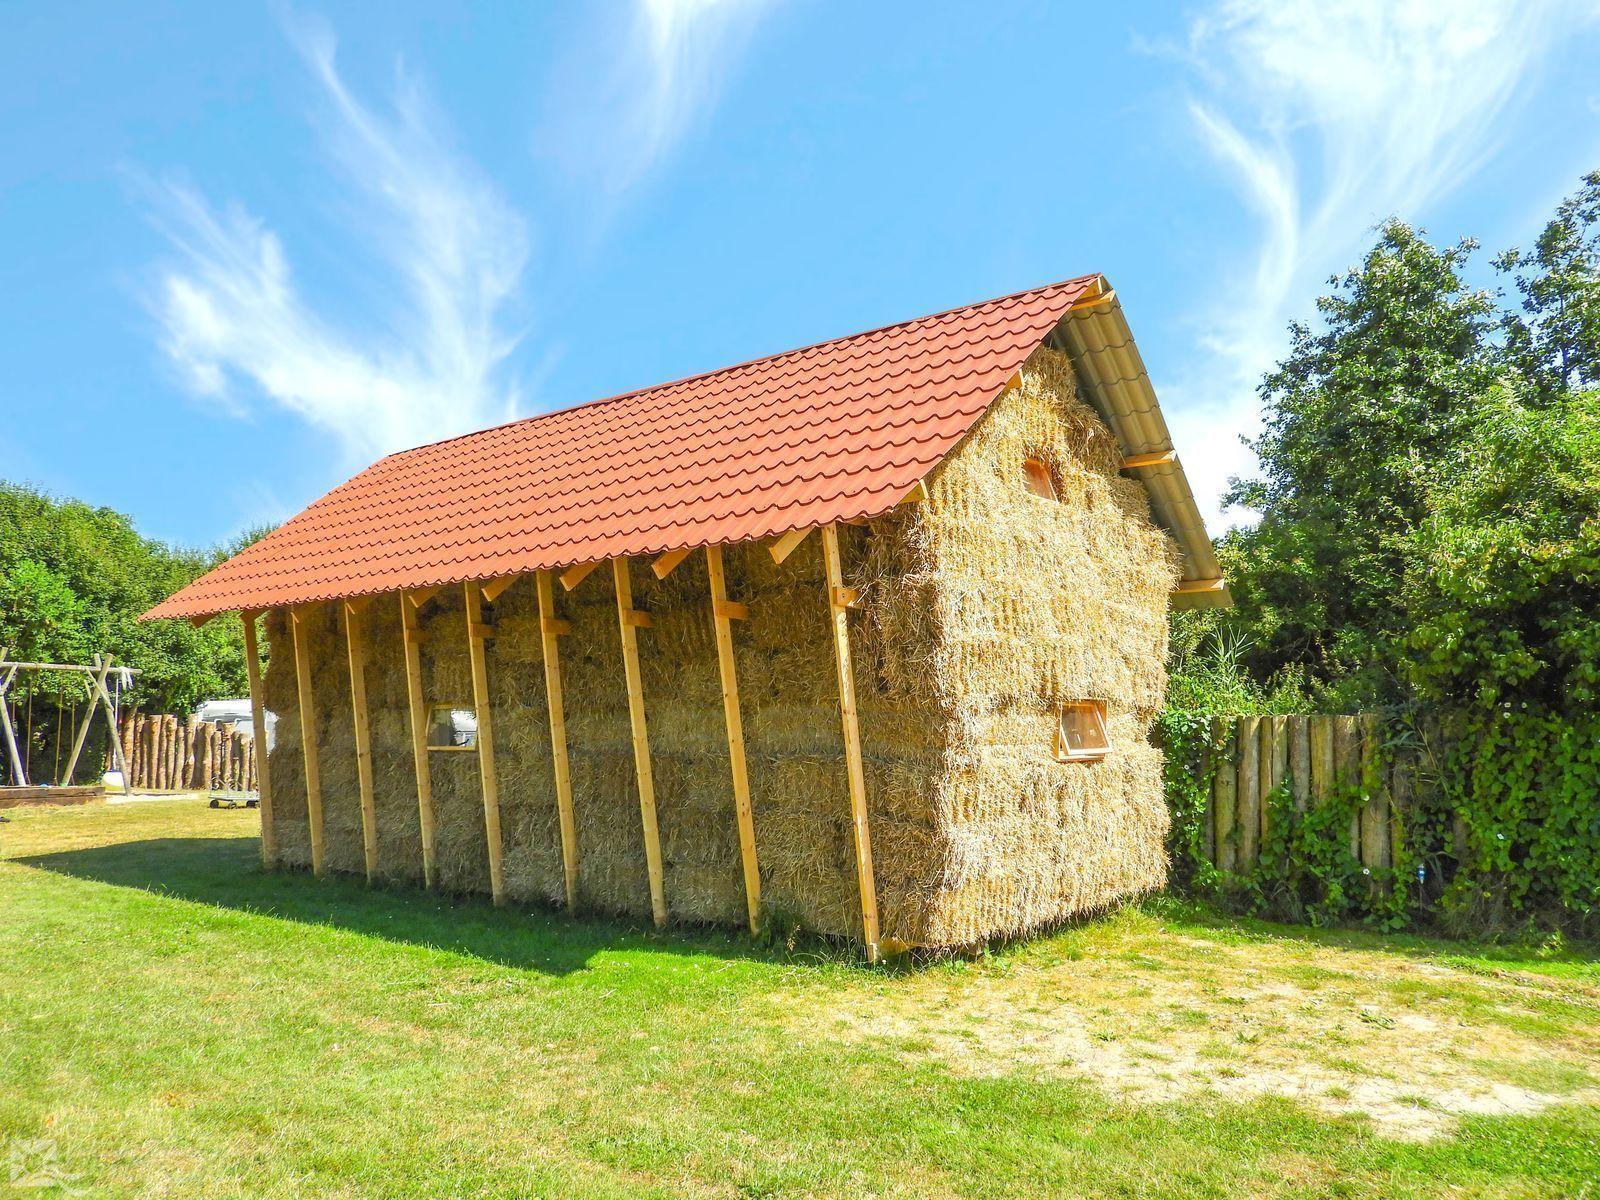 VZ723 Straw holiday home in Aagtekerke